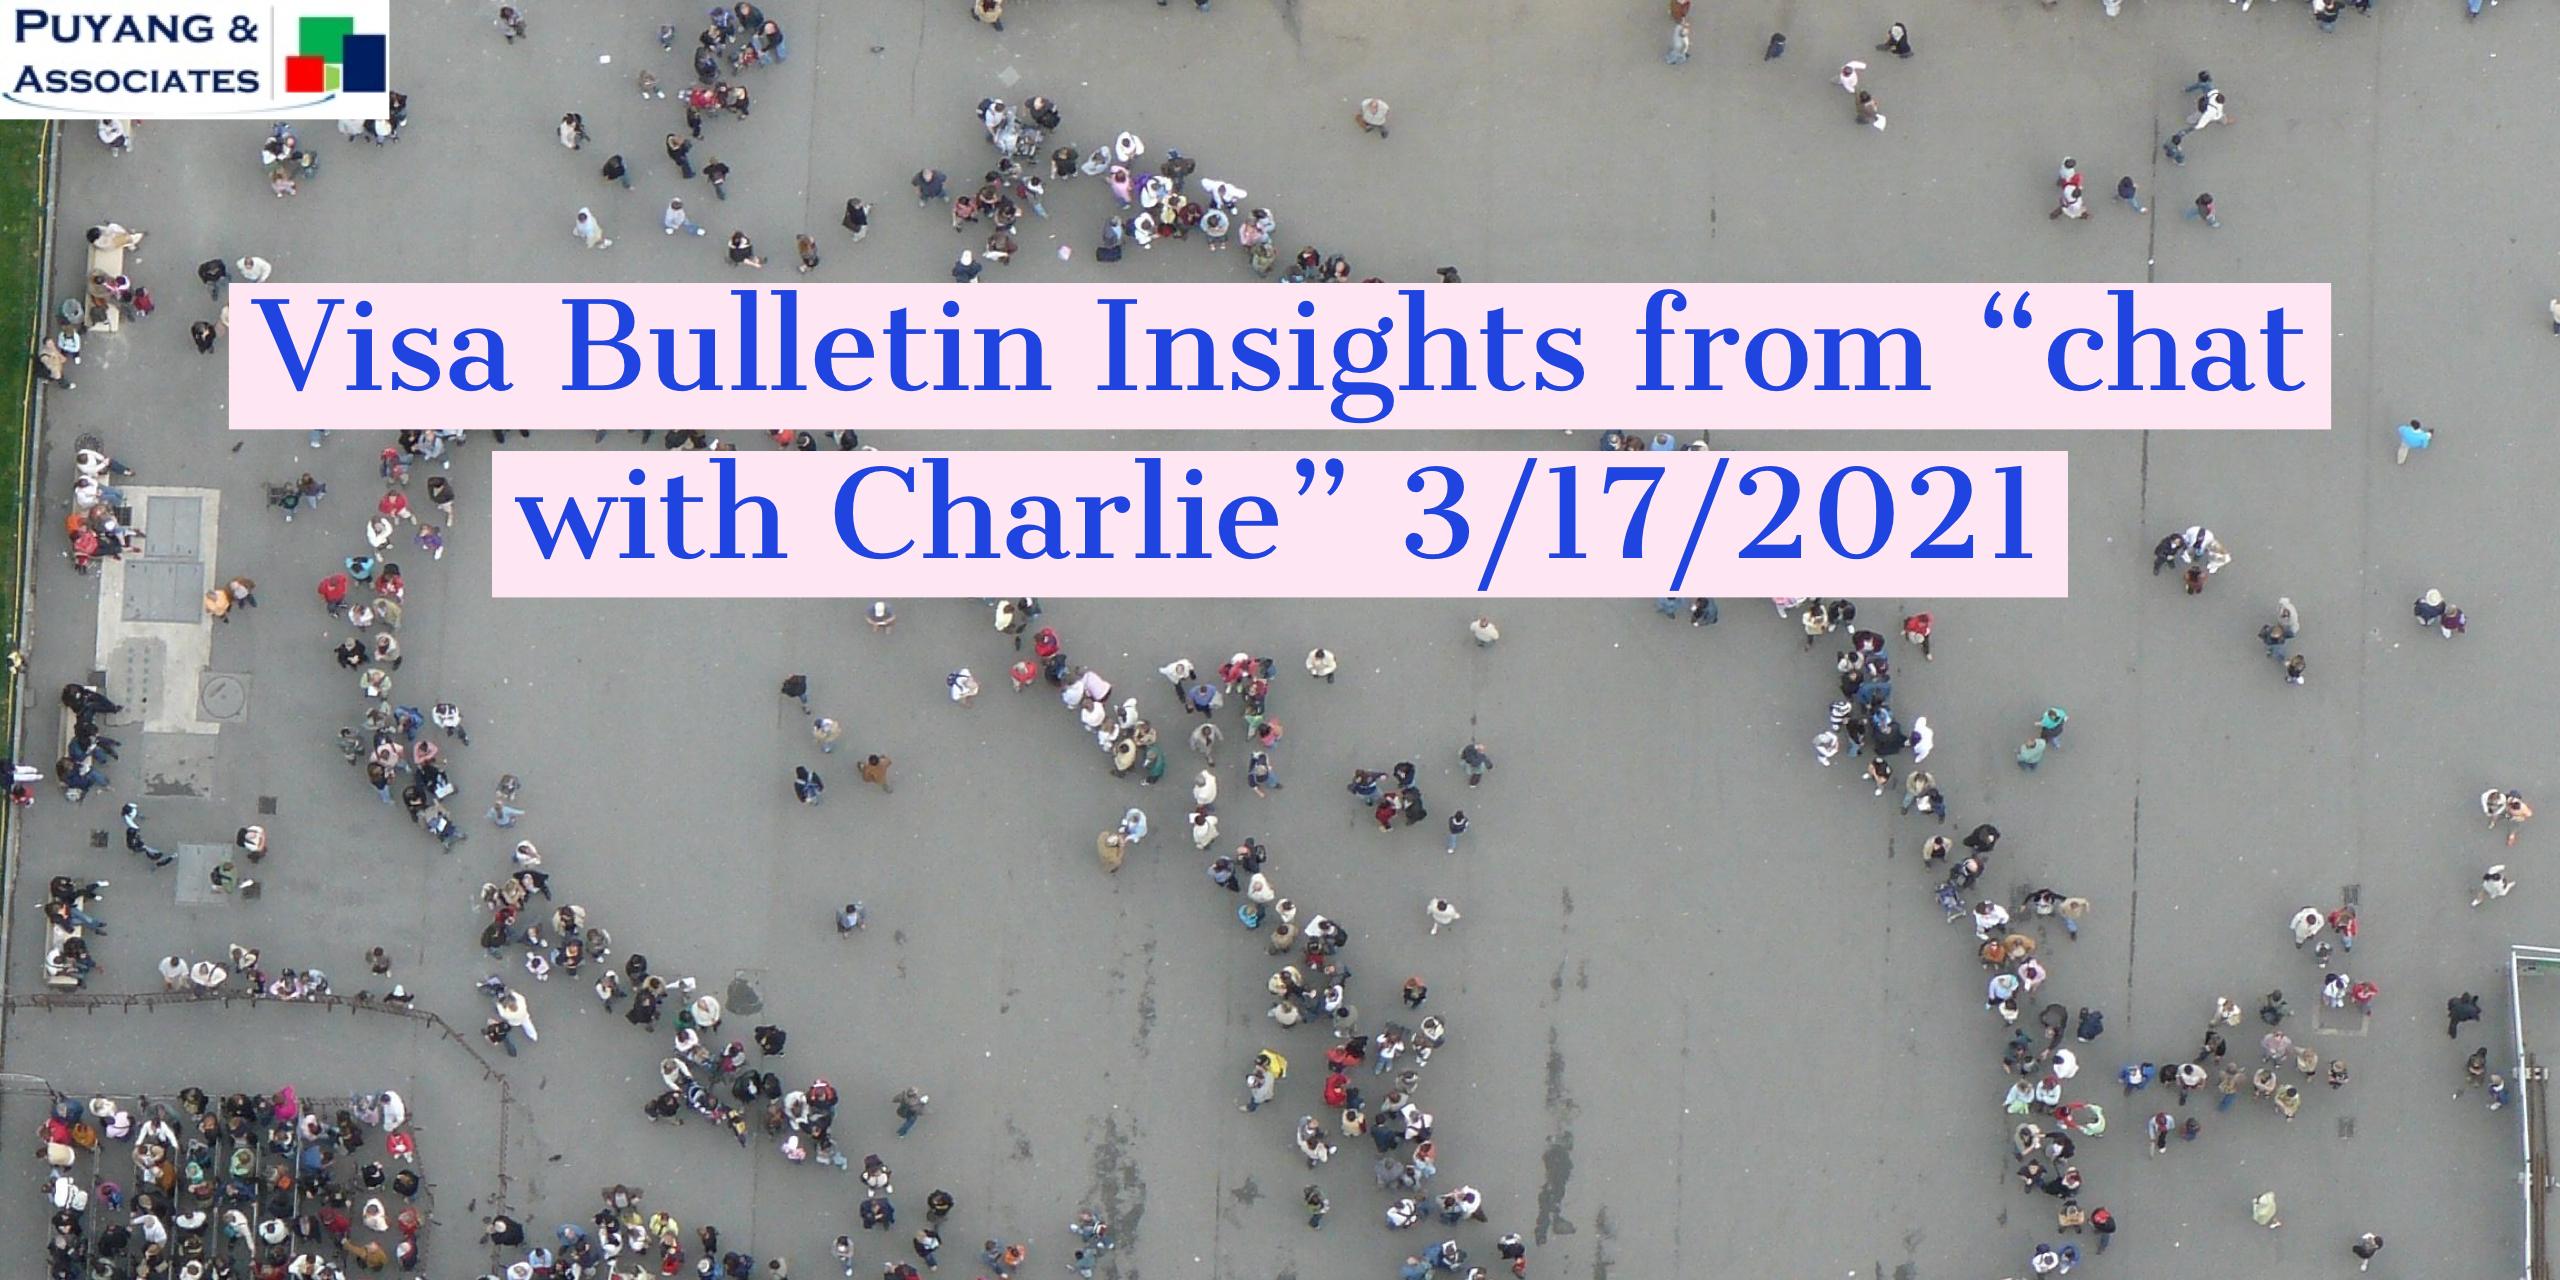 Visa Bulletin Insights March 2021